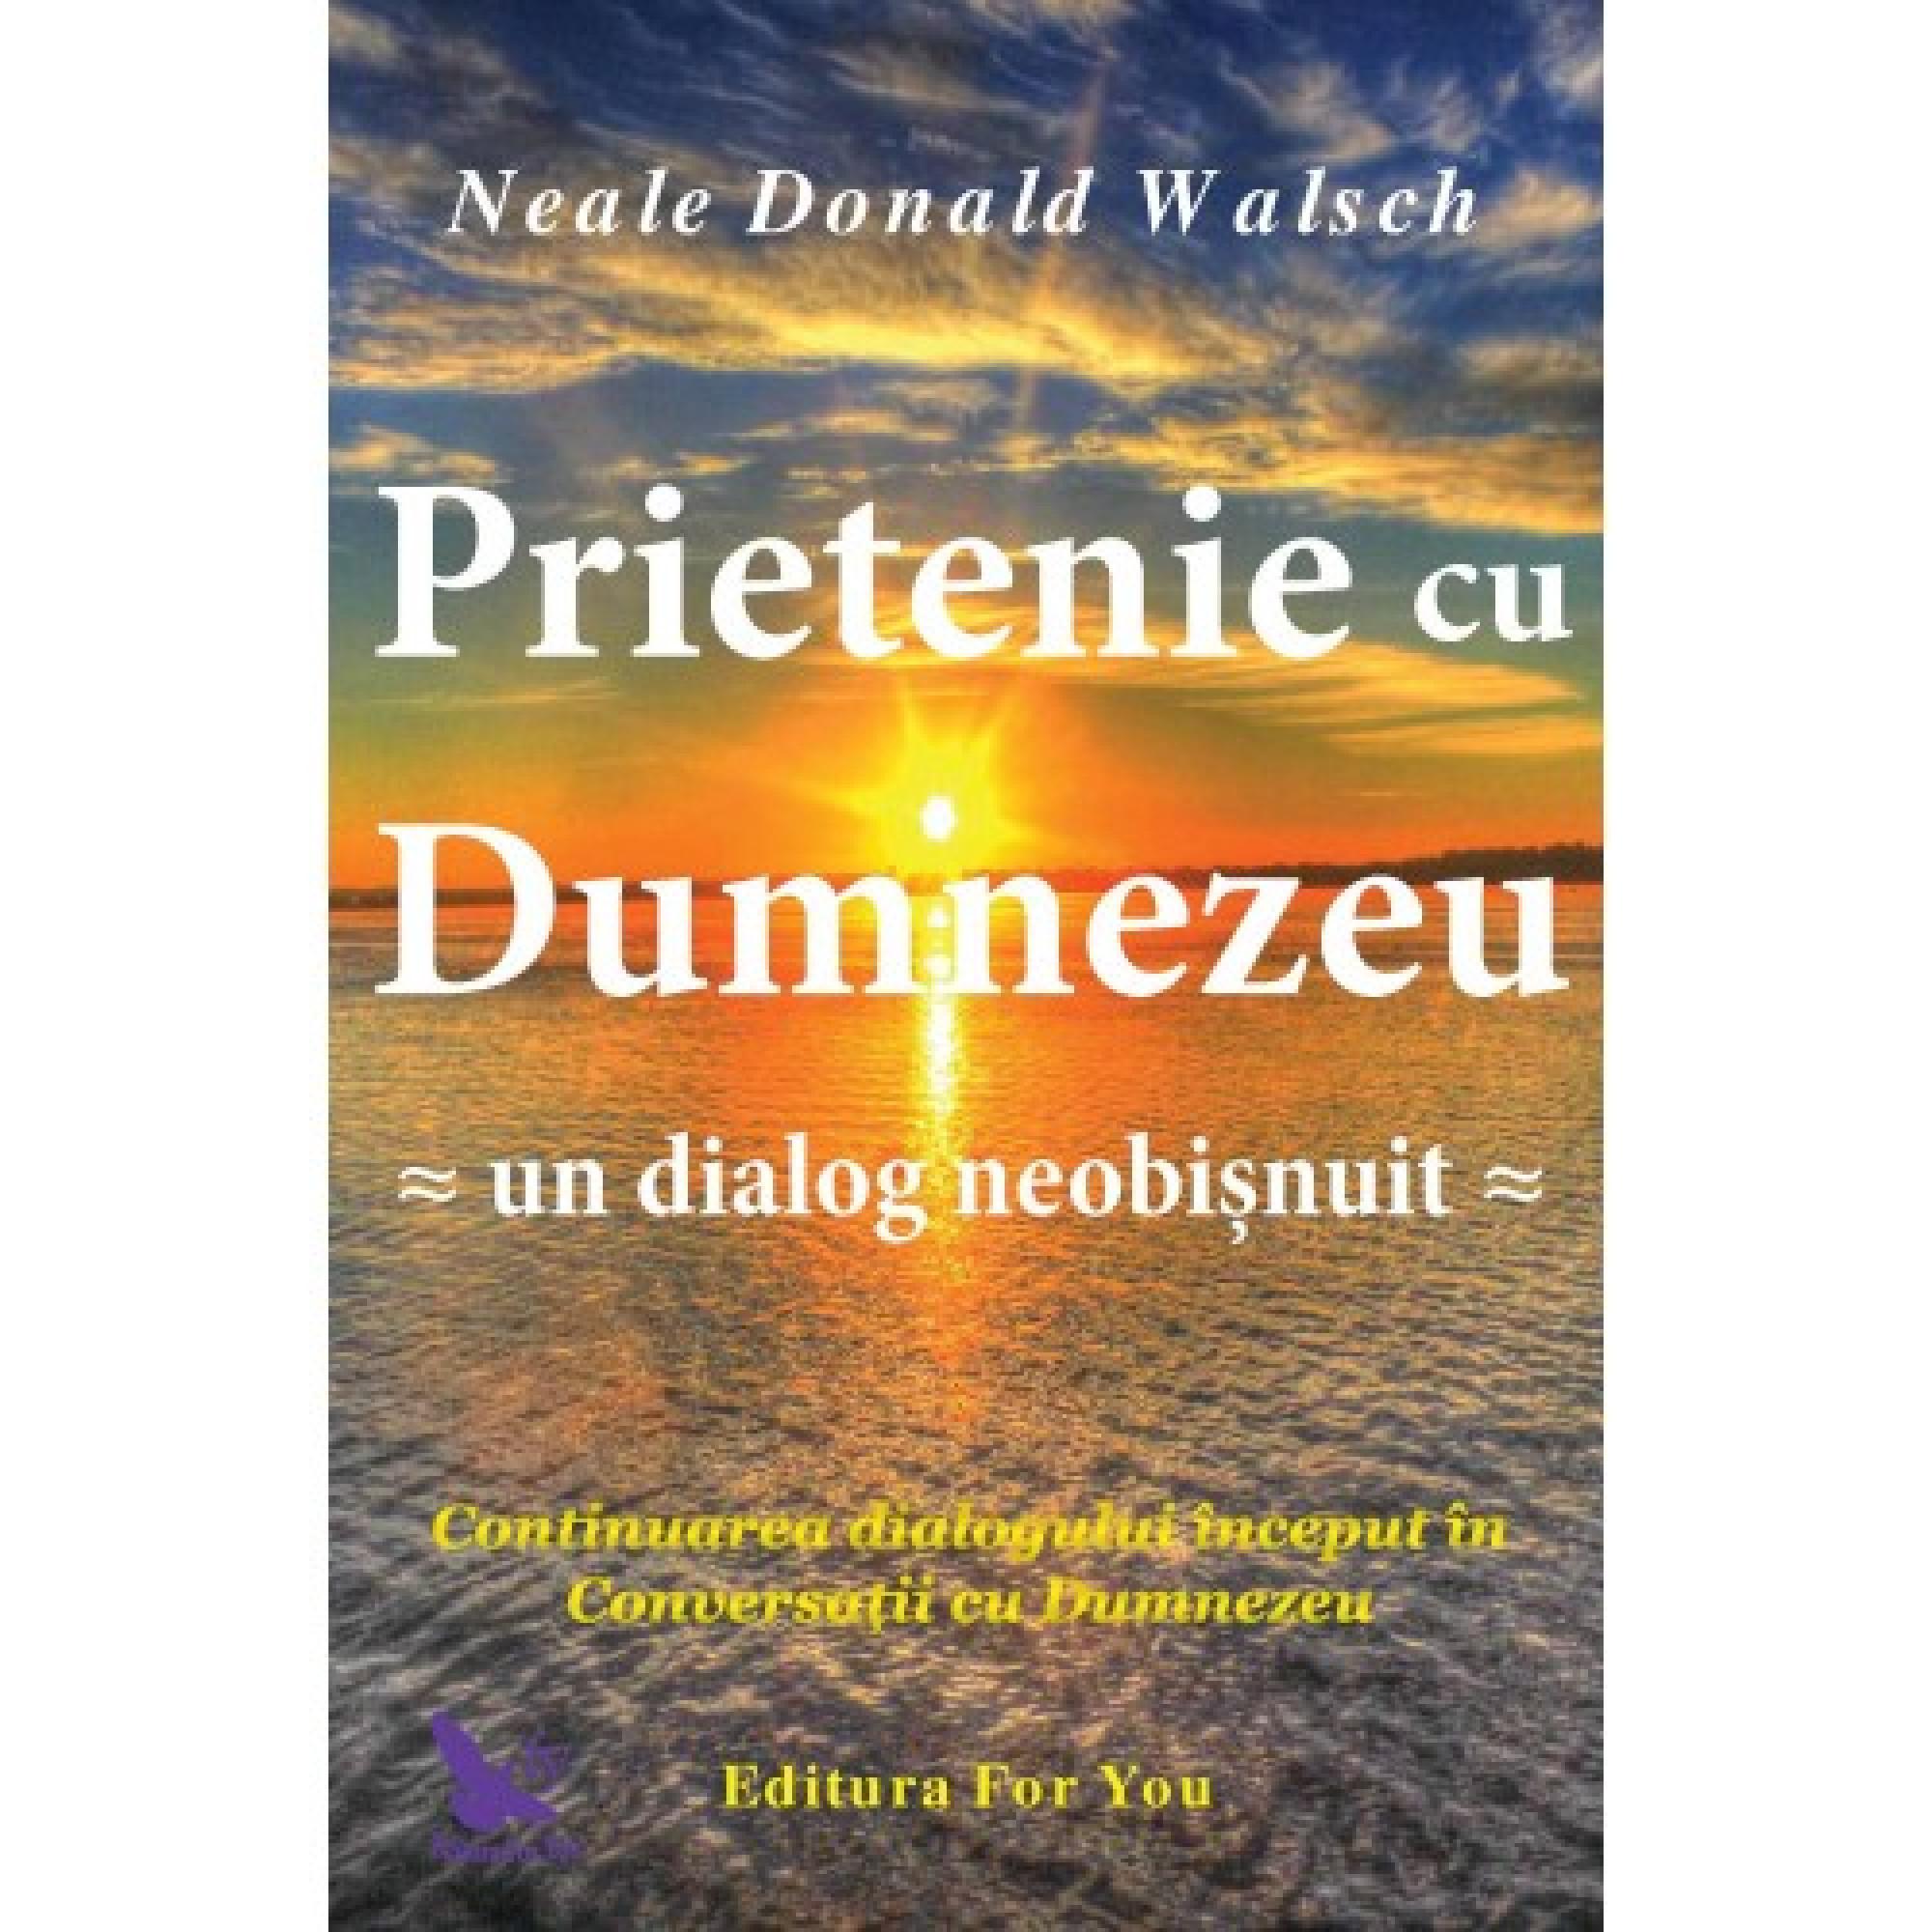 Prietenie cu Dumnezeu; Neale Donald Walsch